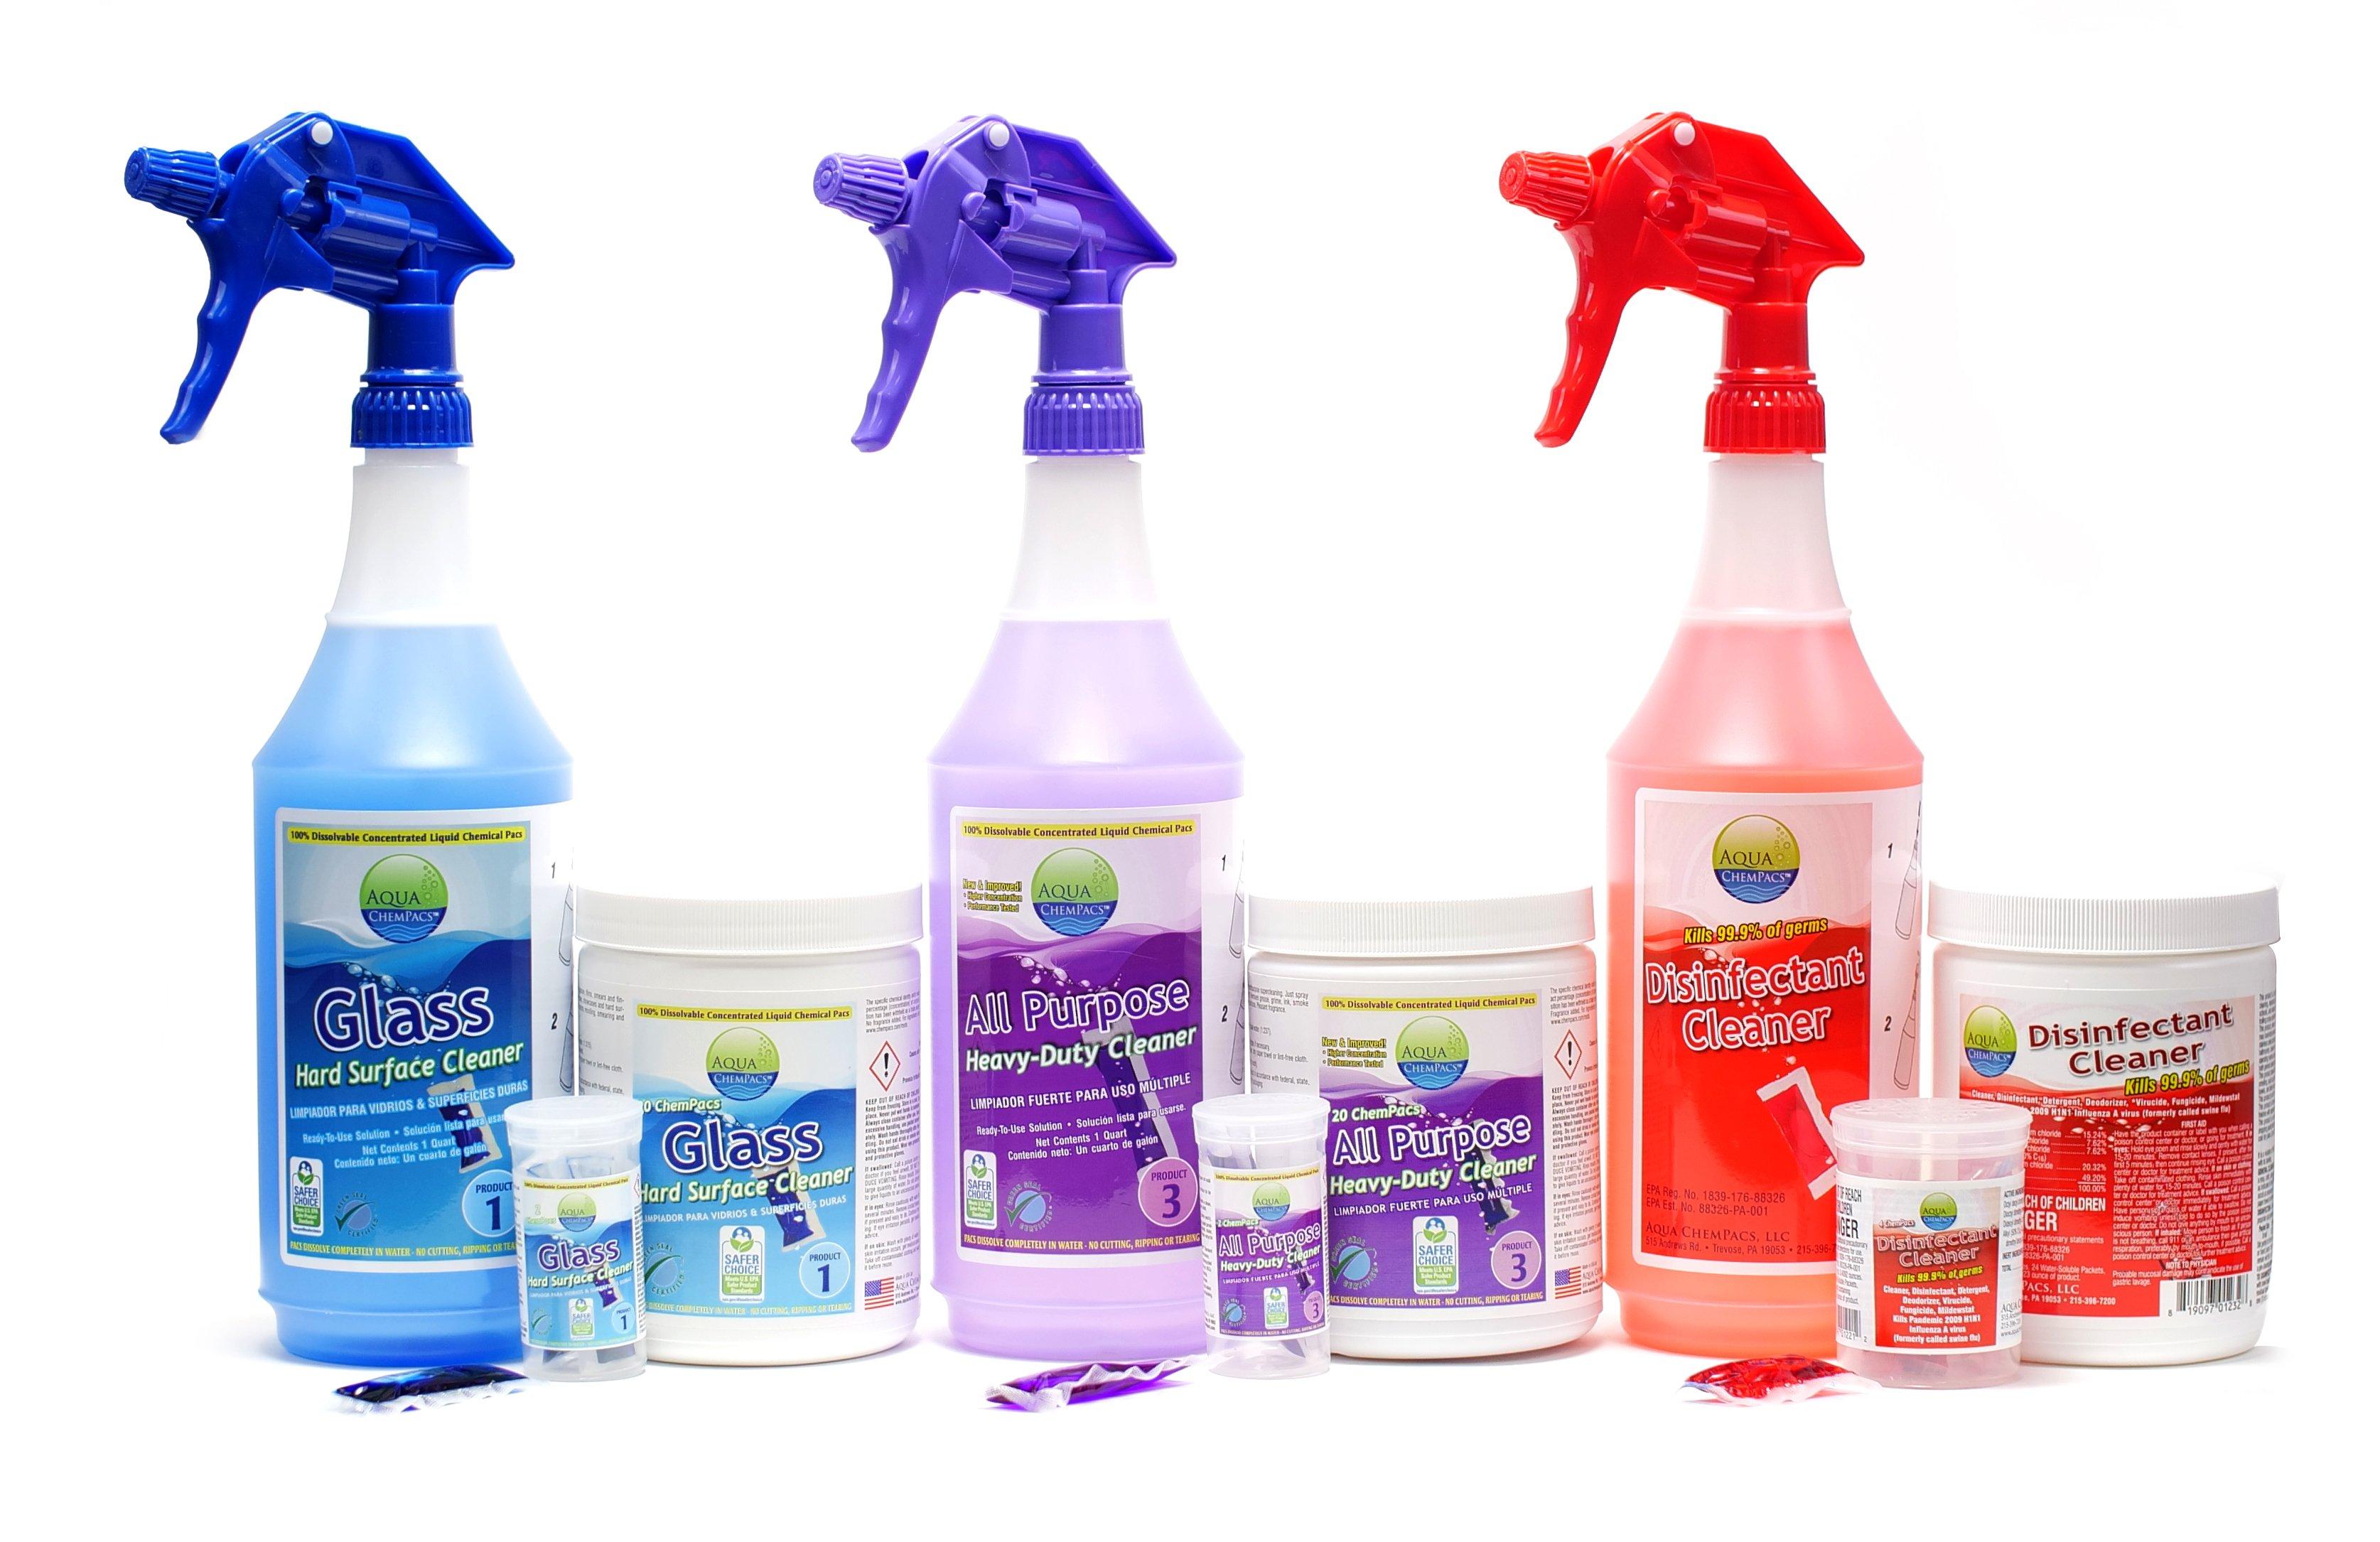 Kit-Glass-AllPurpose-Disinfectant